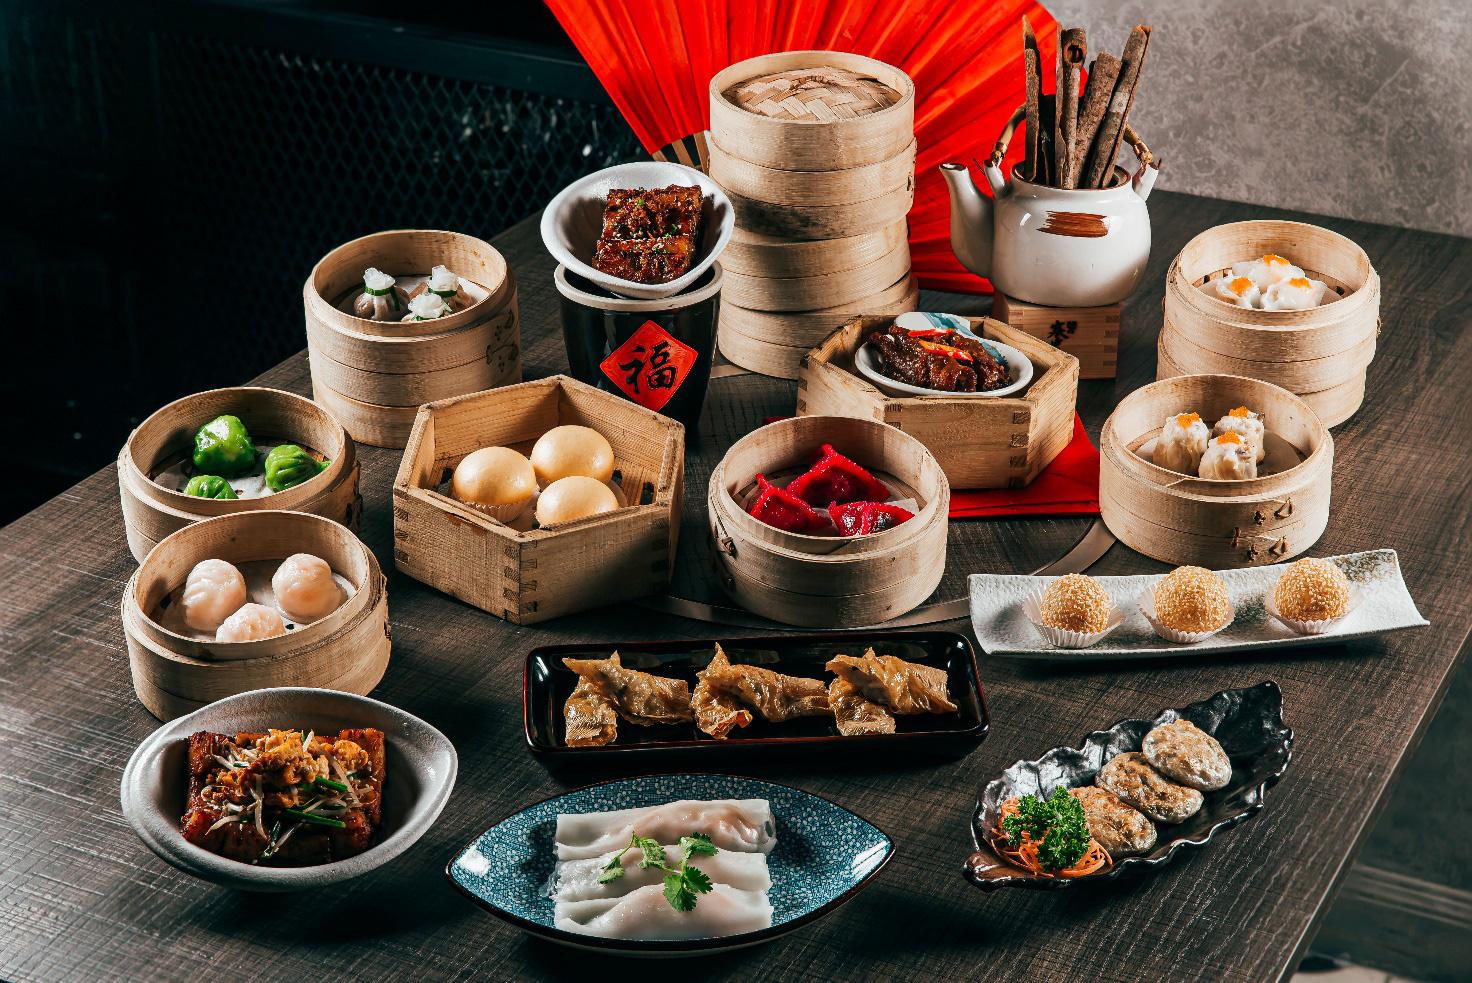 Khám phá tinh tế ẩm thực Trung Hoa giữa phố đi bộ Nguyễn Huệ tại MISTER LAI KITCHEN - Ảnh 3.